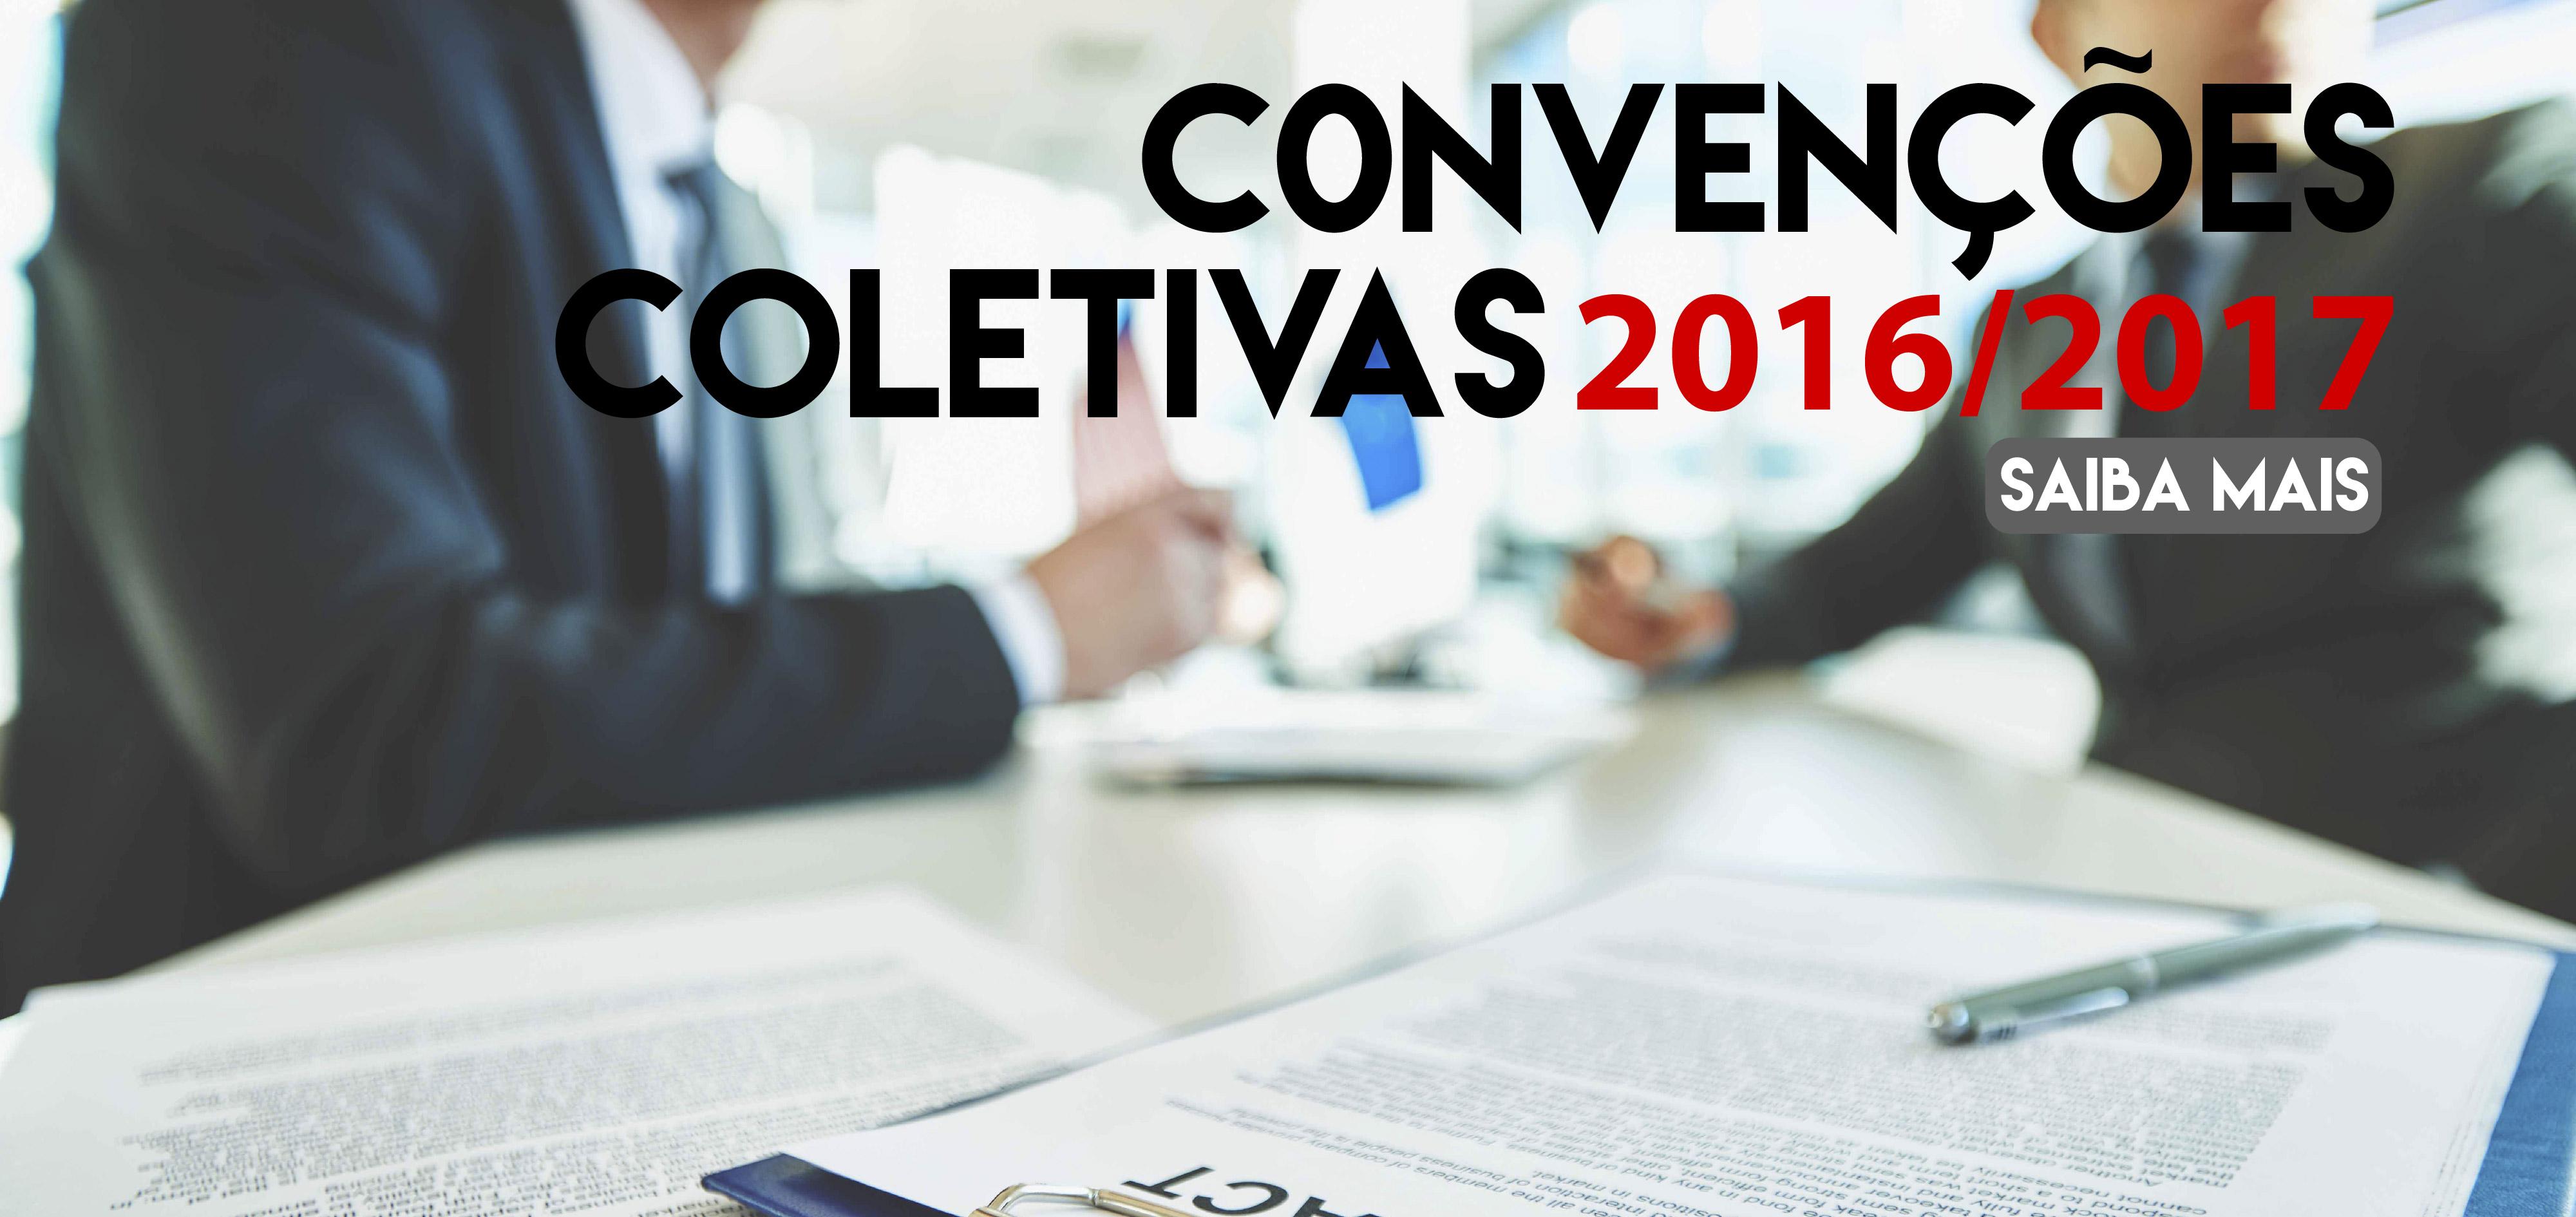 CONVENCOES2